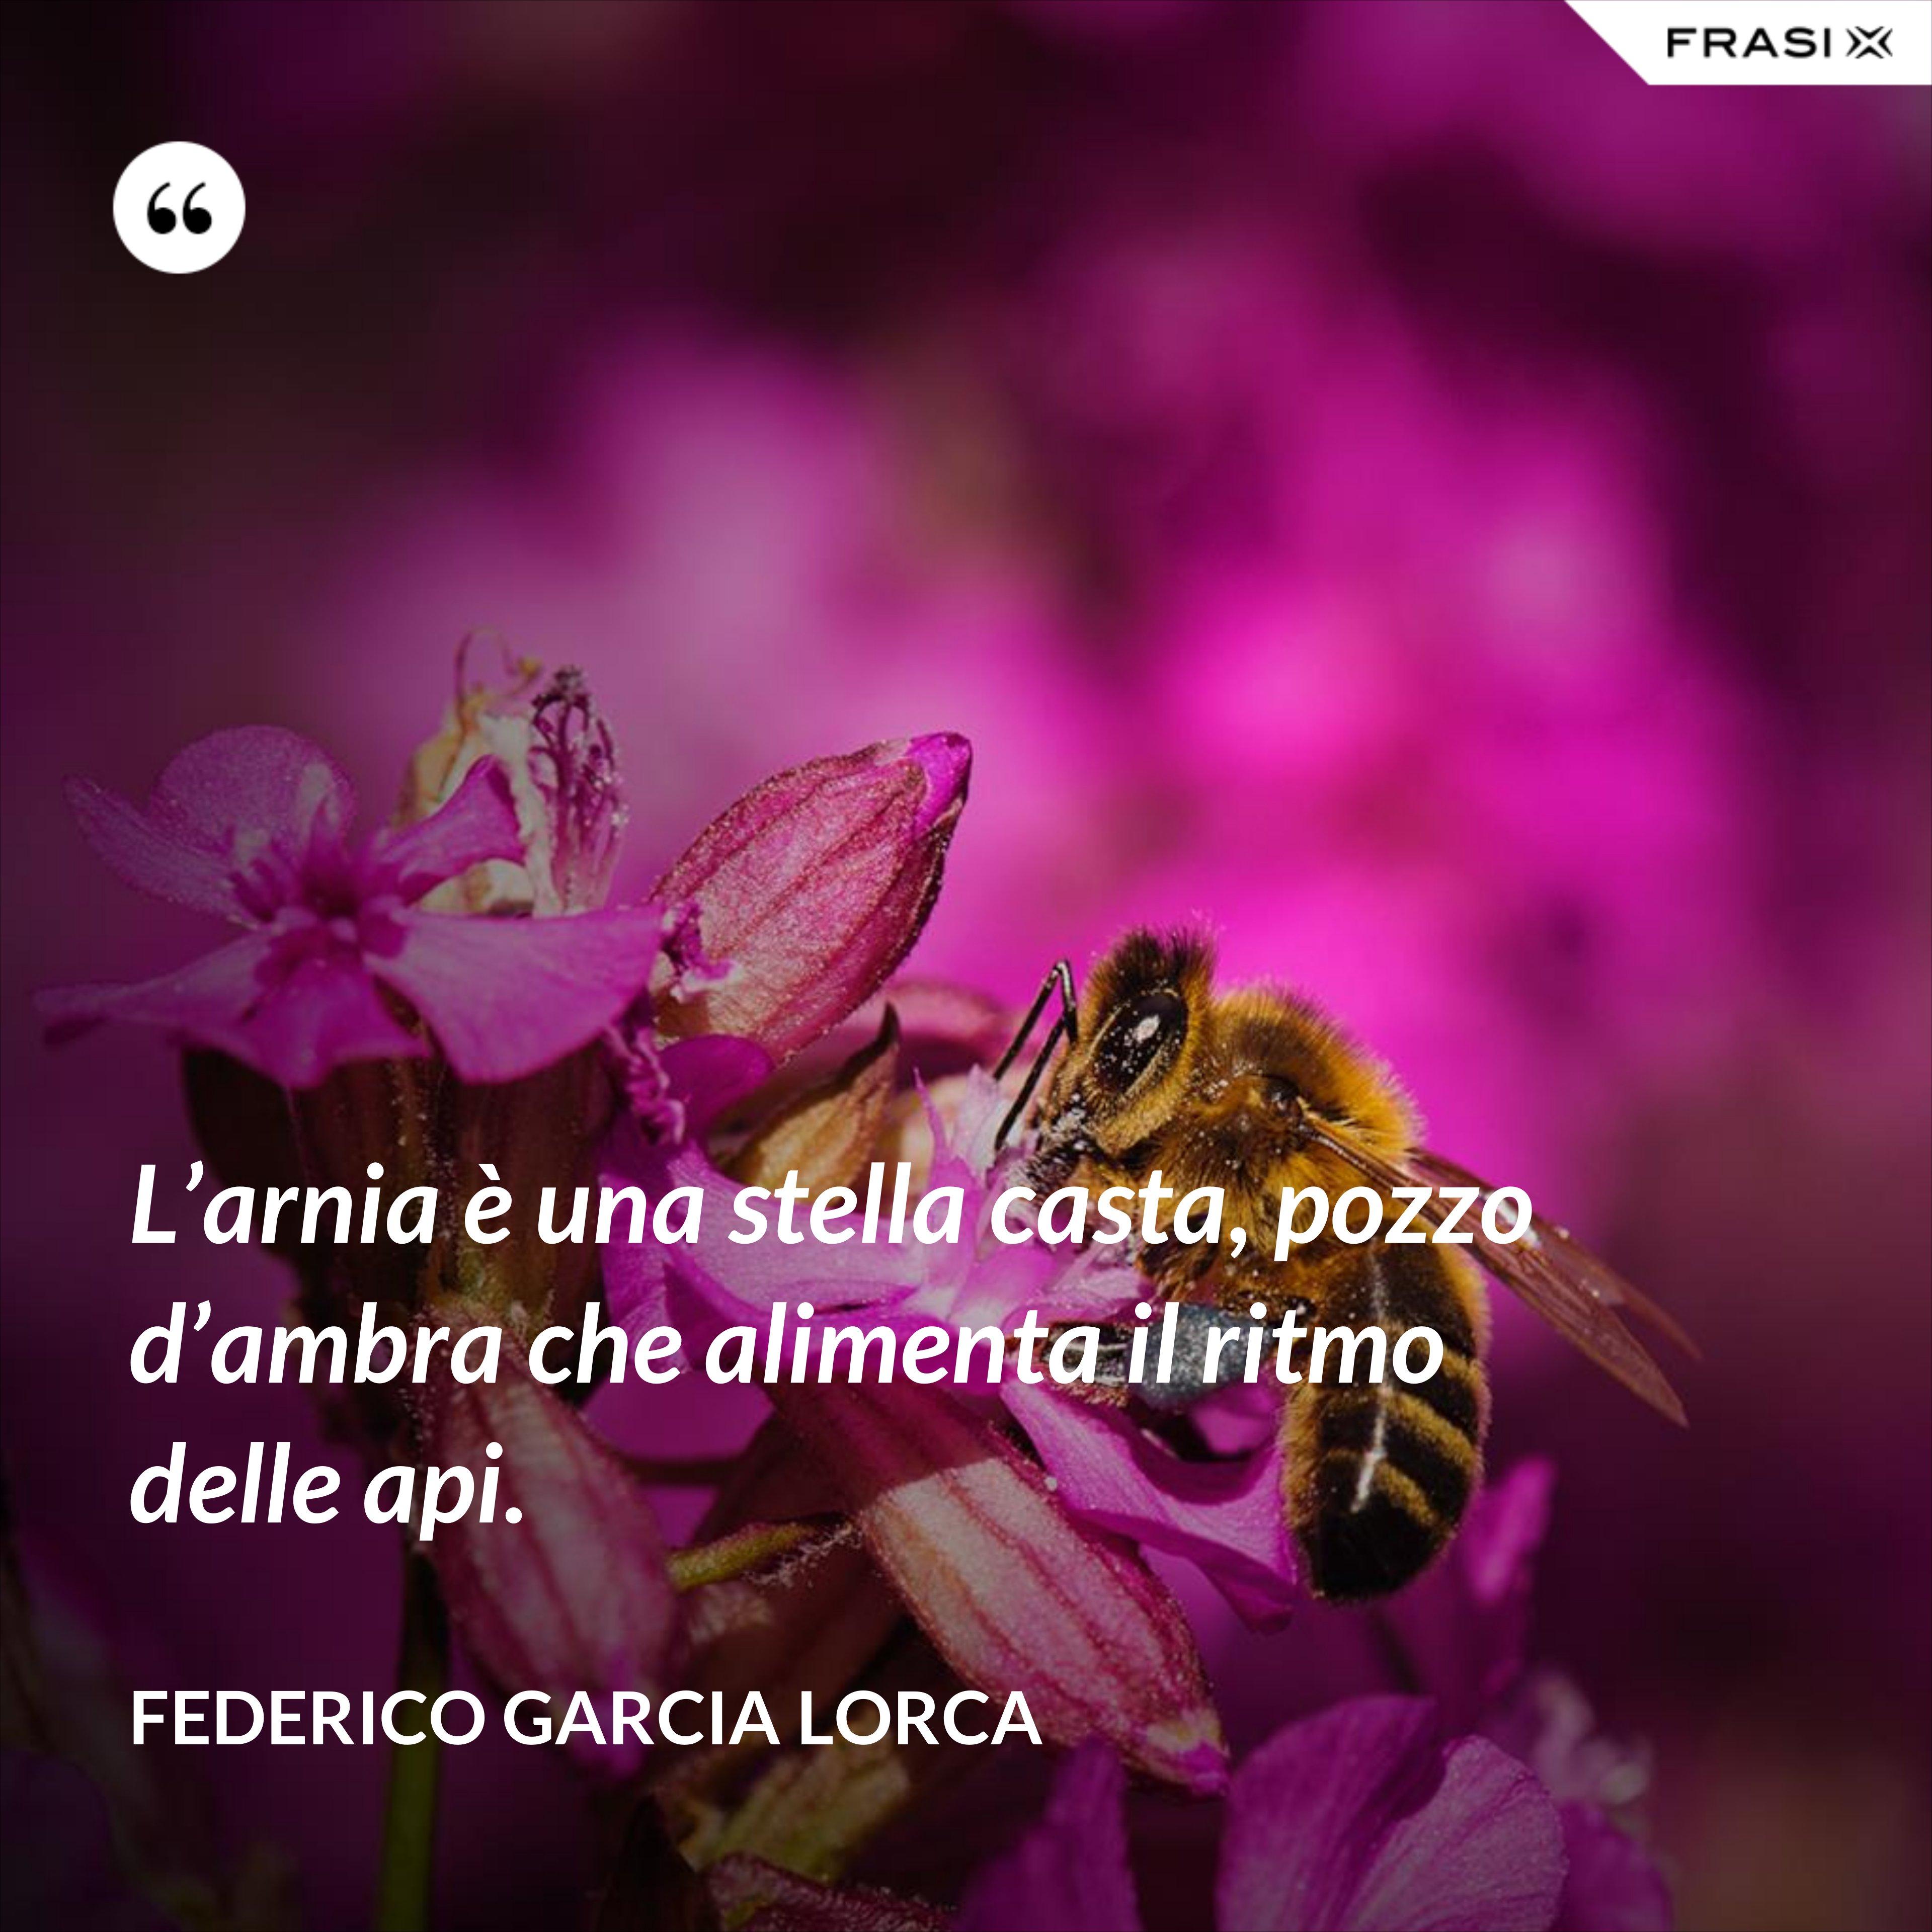 L'arnia è una stella casta, pozzo d'ambra che alimenta il ritmo delle api. - Federico Garcia Lorca